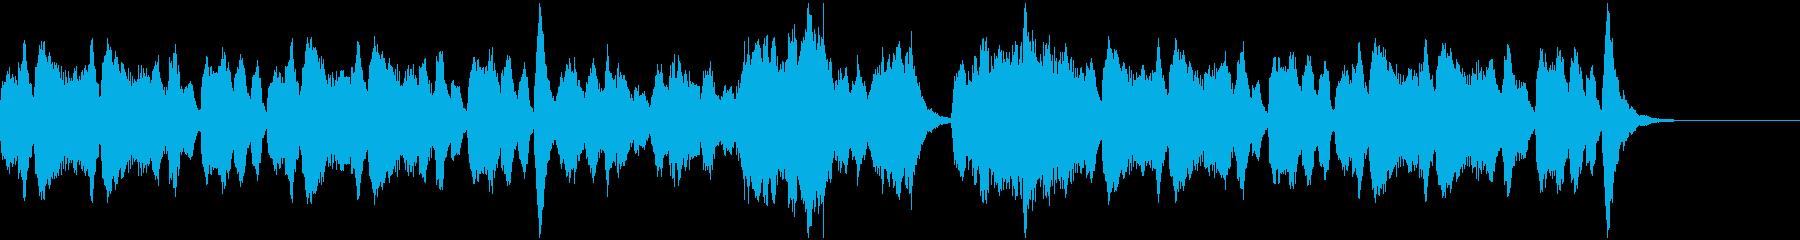 収穫の季節にぴったりなオーケストラBGMの再生済みの波形